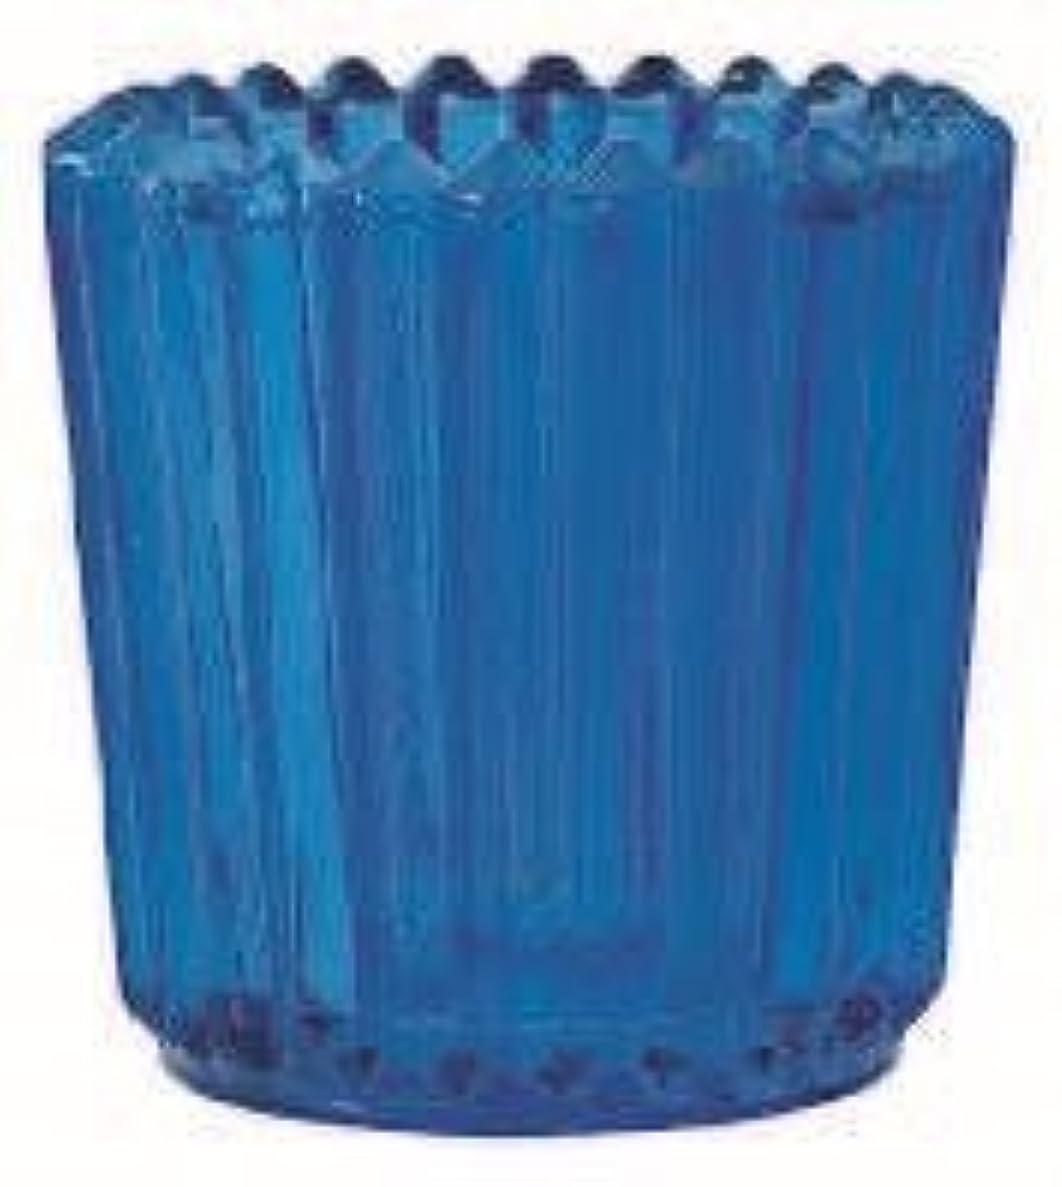 解くピースクラッチカメヤマキャンドル( kameyama candle ) ソレイユ 「 ブルー 」